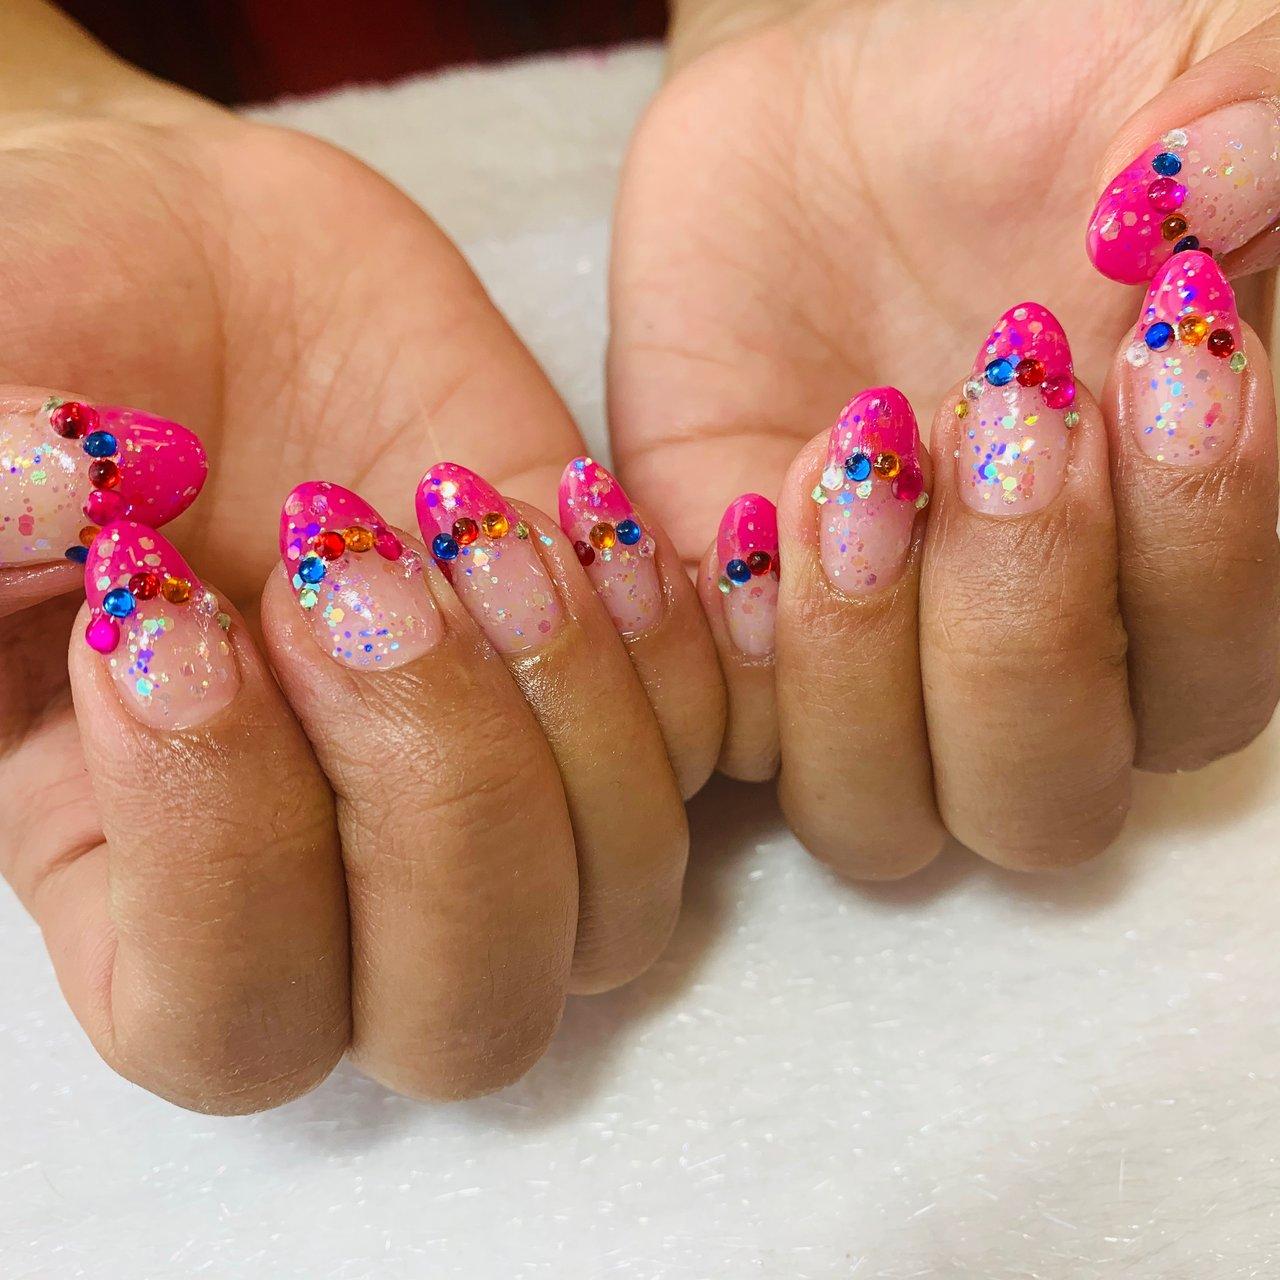 #ピンクネイル #ピンクフレンチネイル #カラフルストーン #ラメラメ #キラキラネイル #派手ネイル #オールシーズン #ハンド #フレンチ #ホログラム #ラメ #ピンク #カラフル #R☆ #ネイルブック